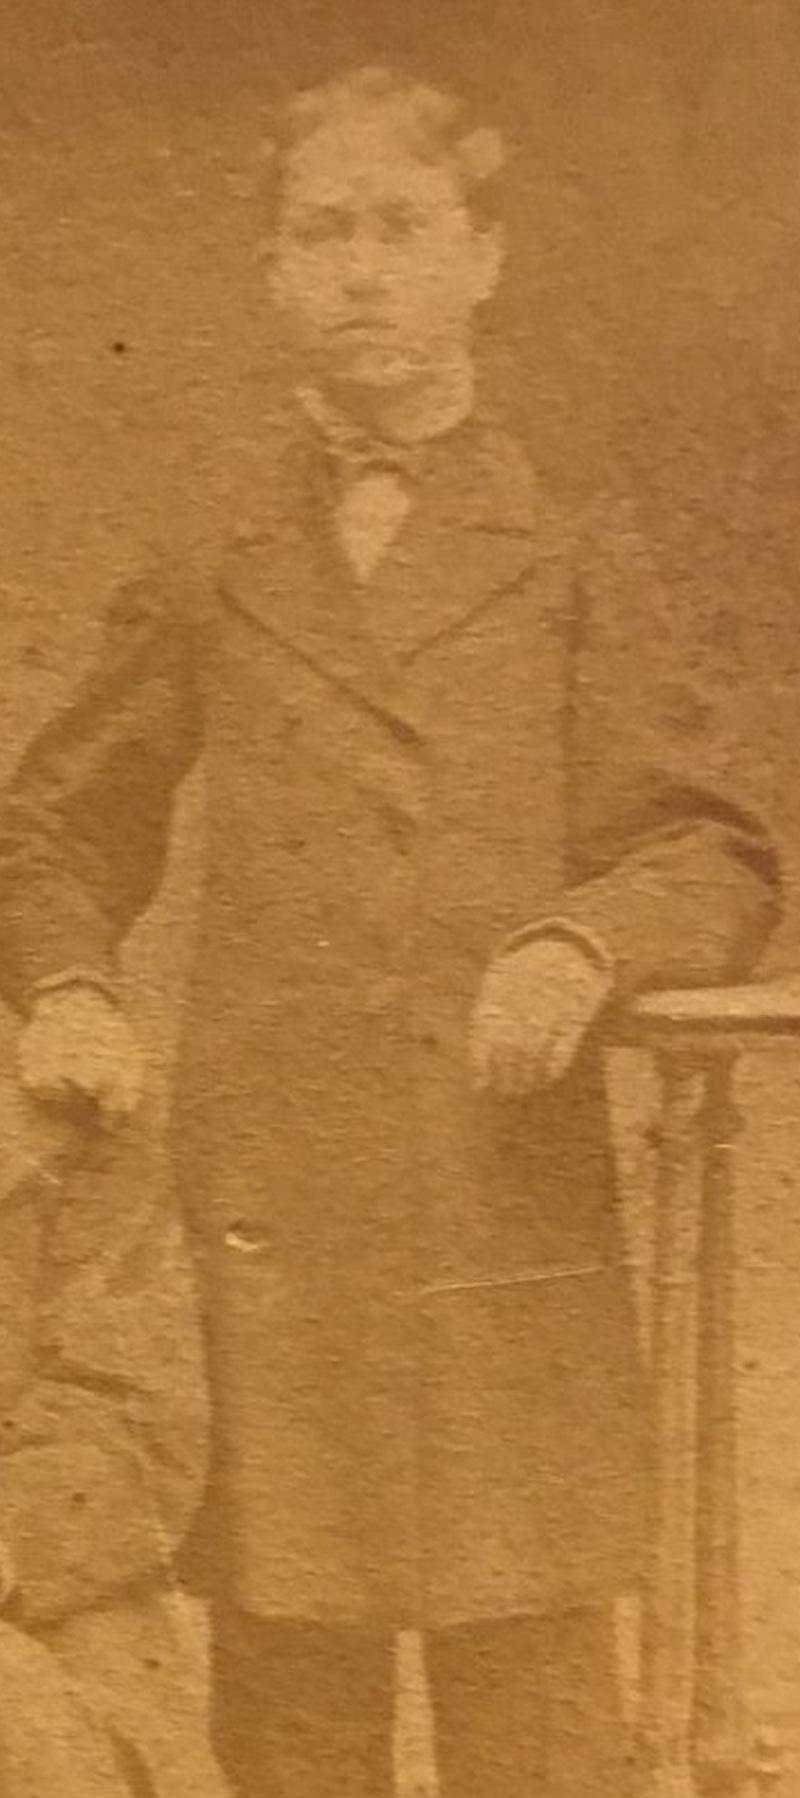 Дьякон Каллистов Иван Степанович, 1860 год рождения